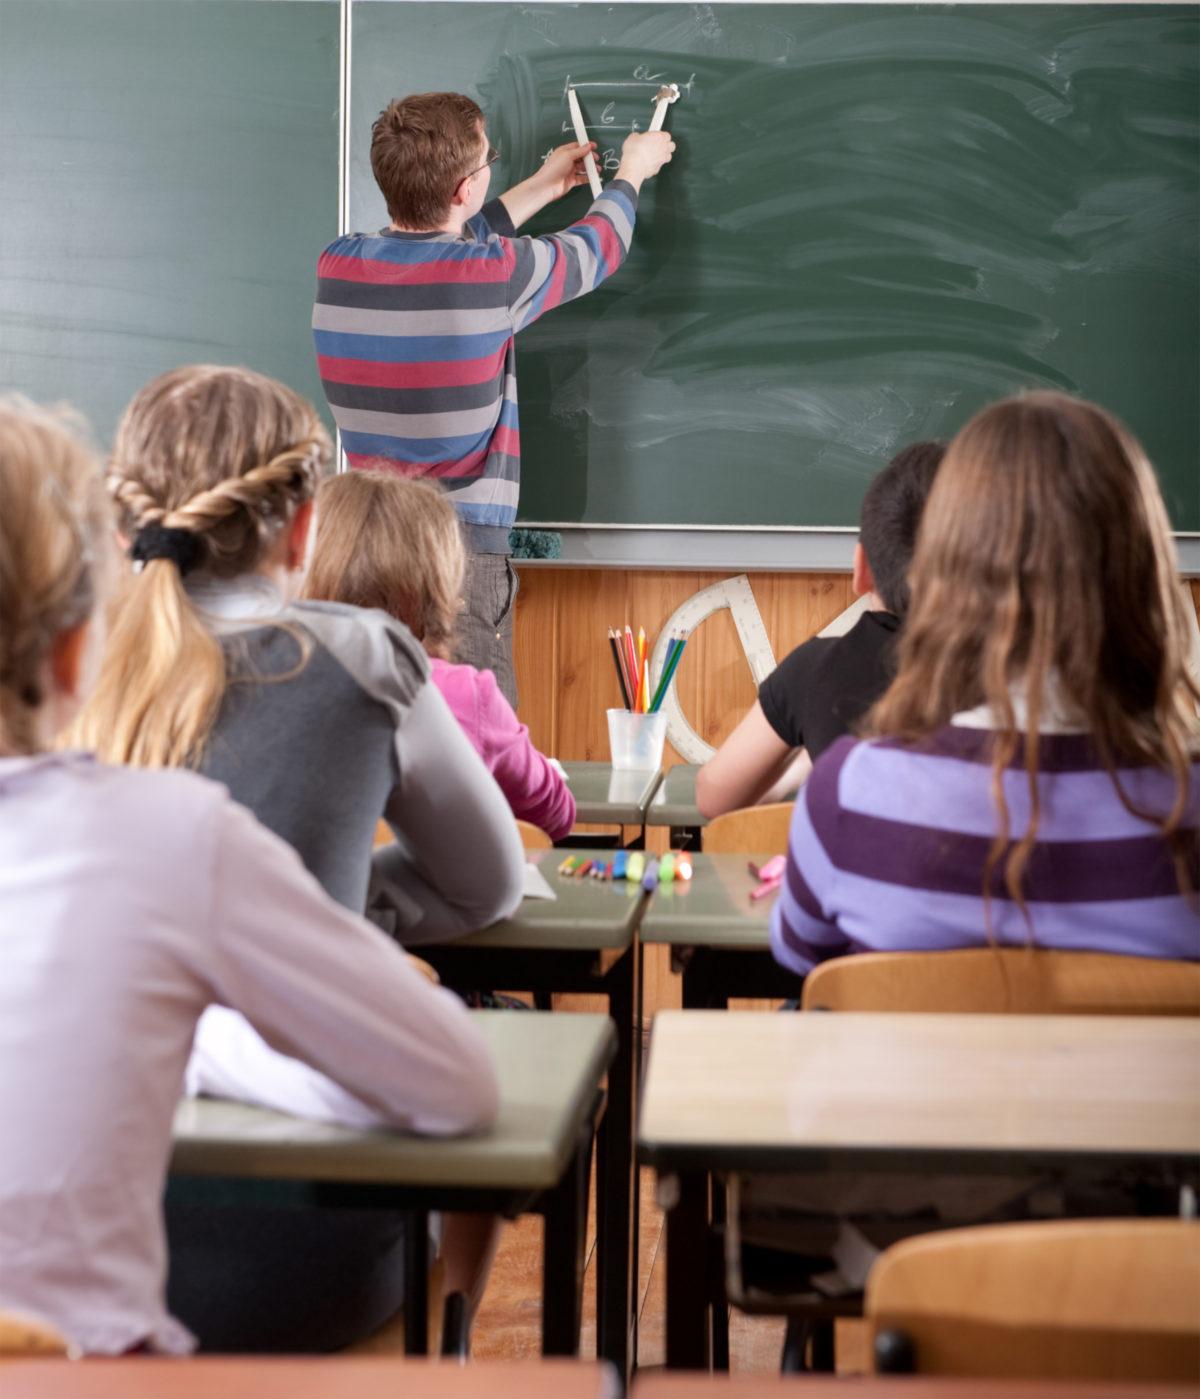 - Dybdelæring og kritisk tenkning viktig i skolen